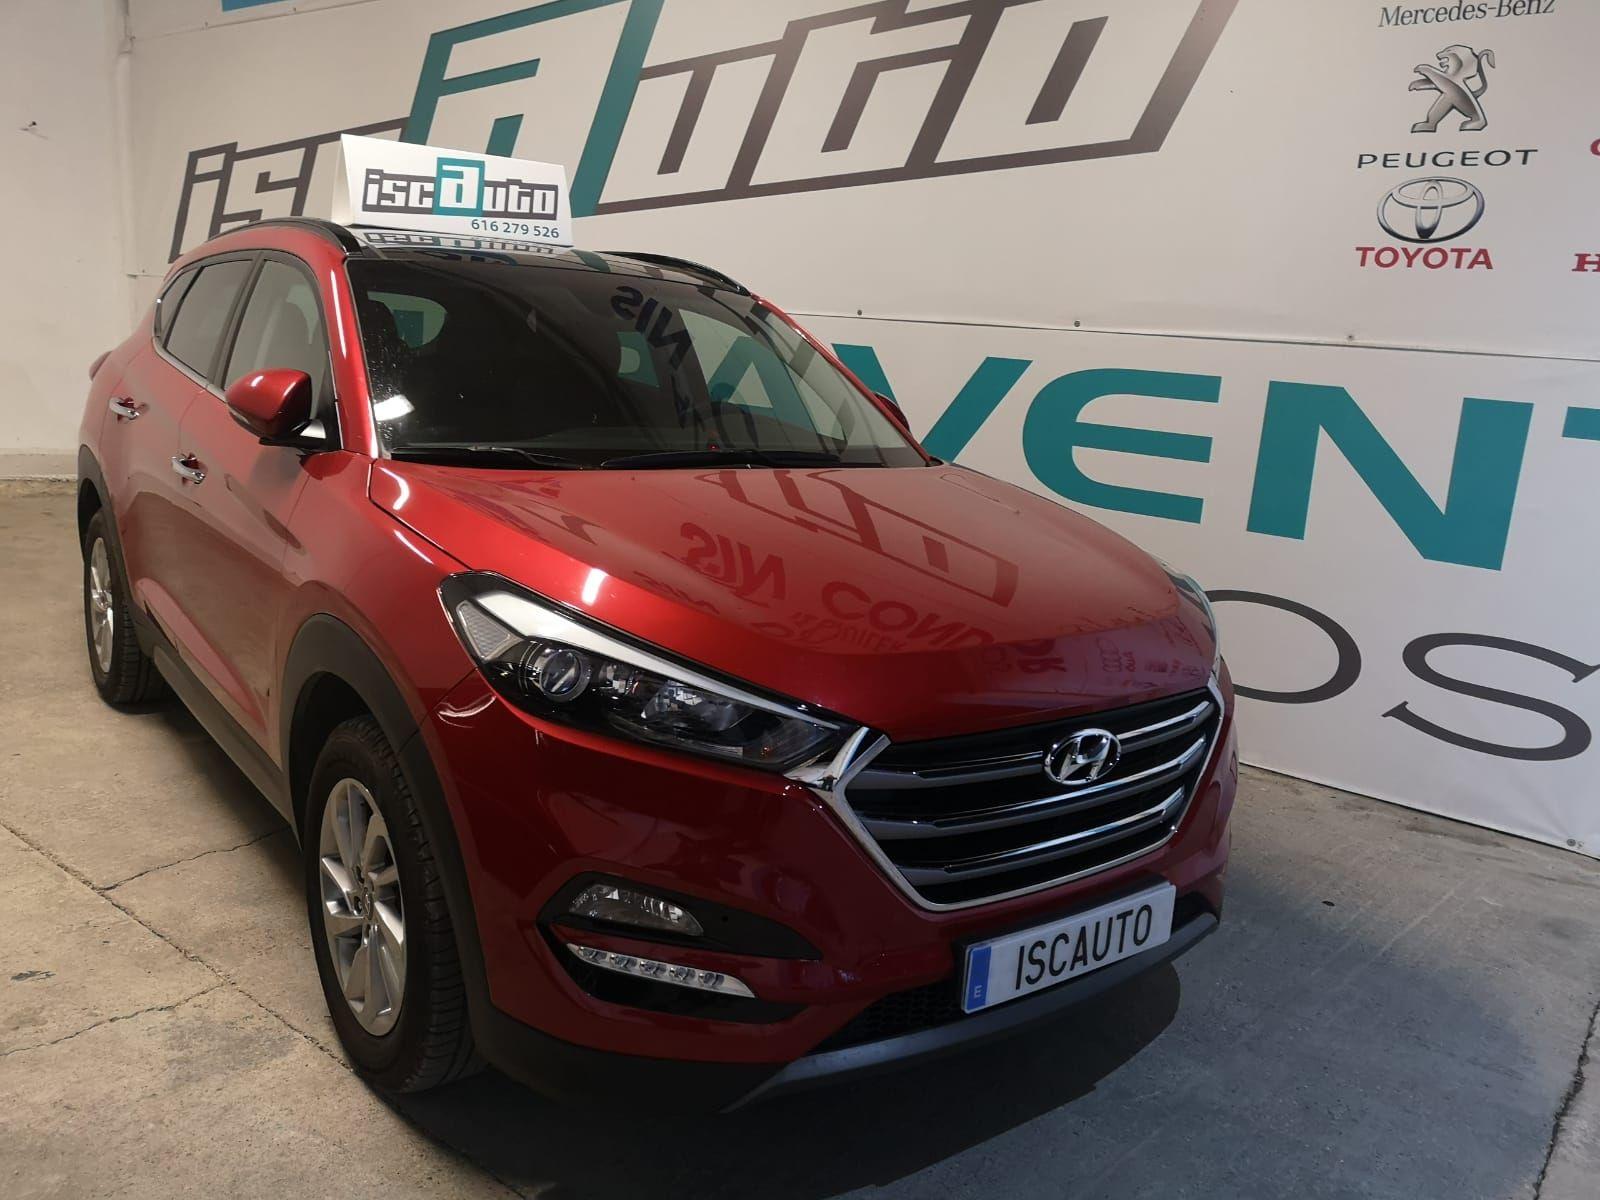 Hyundai Tusson: Servicios de Iscauto